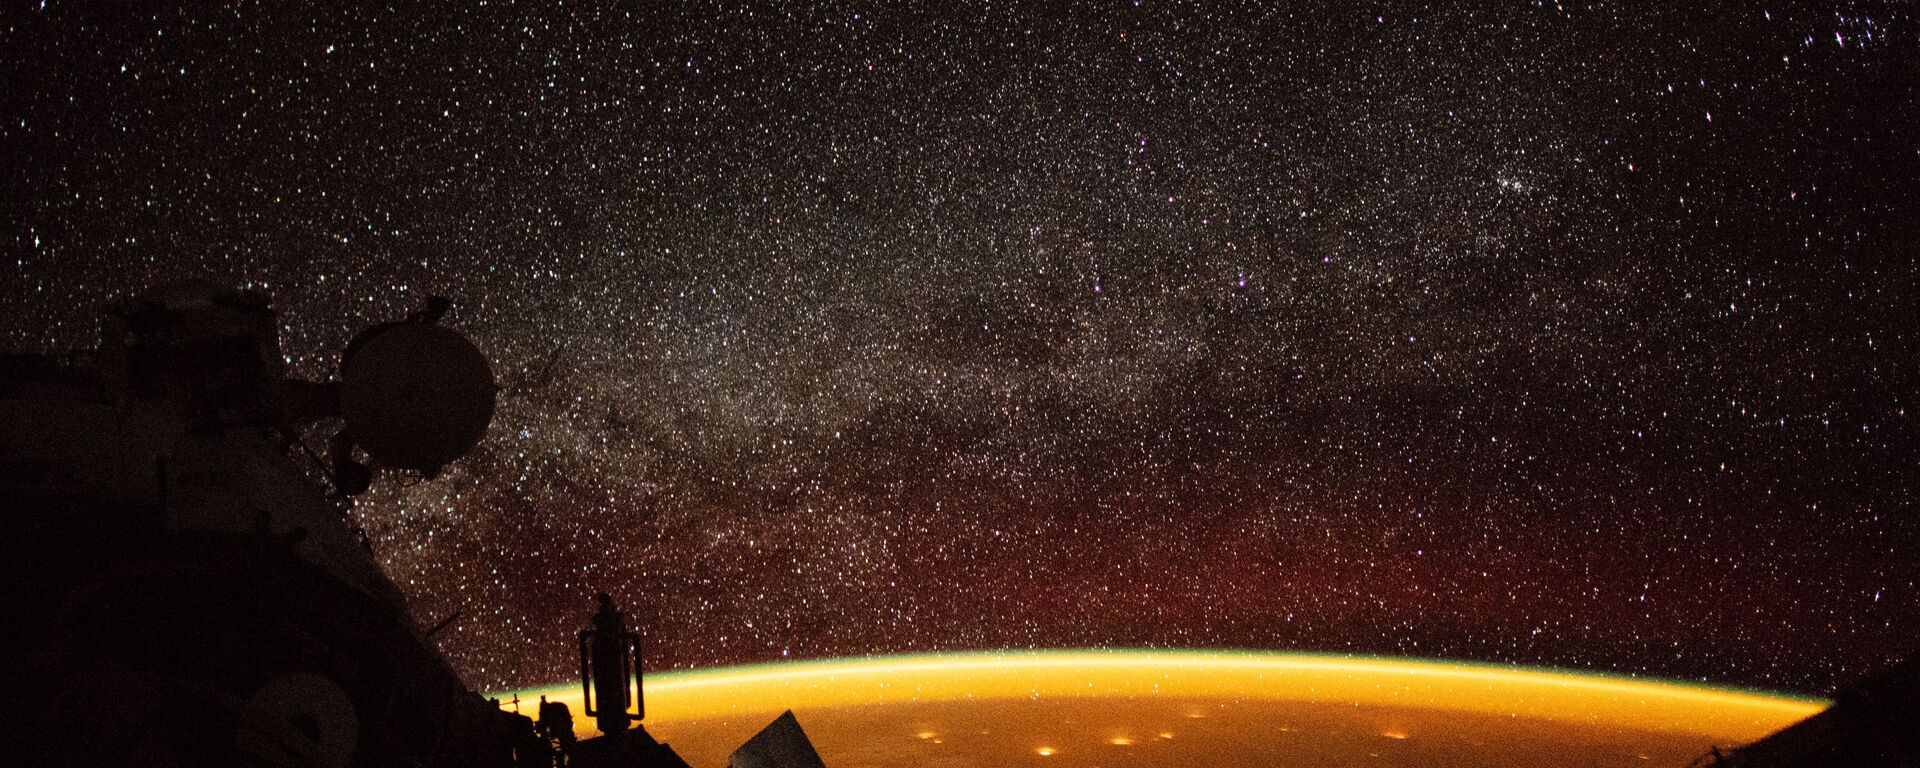 Собственное свечение атмосферы Земли, снятое астронавтом с борта МКС  - Sputnik Узбекистан, 1920, 16.02.2021